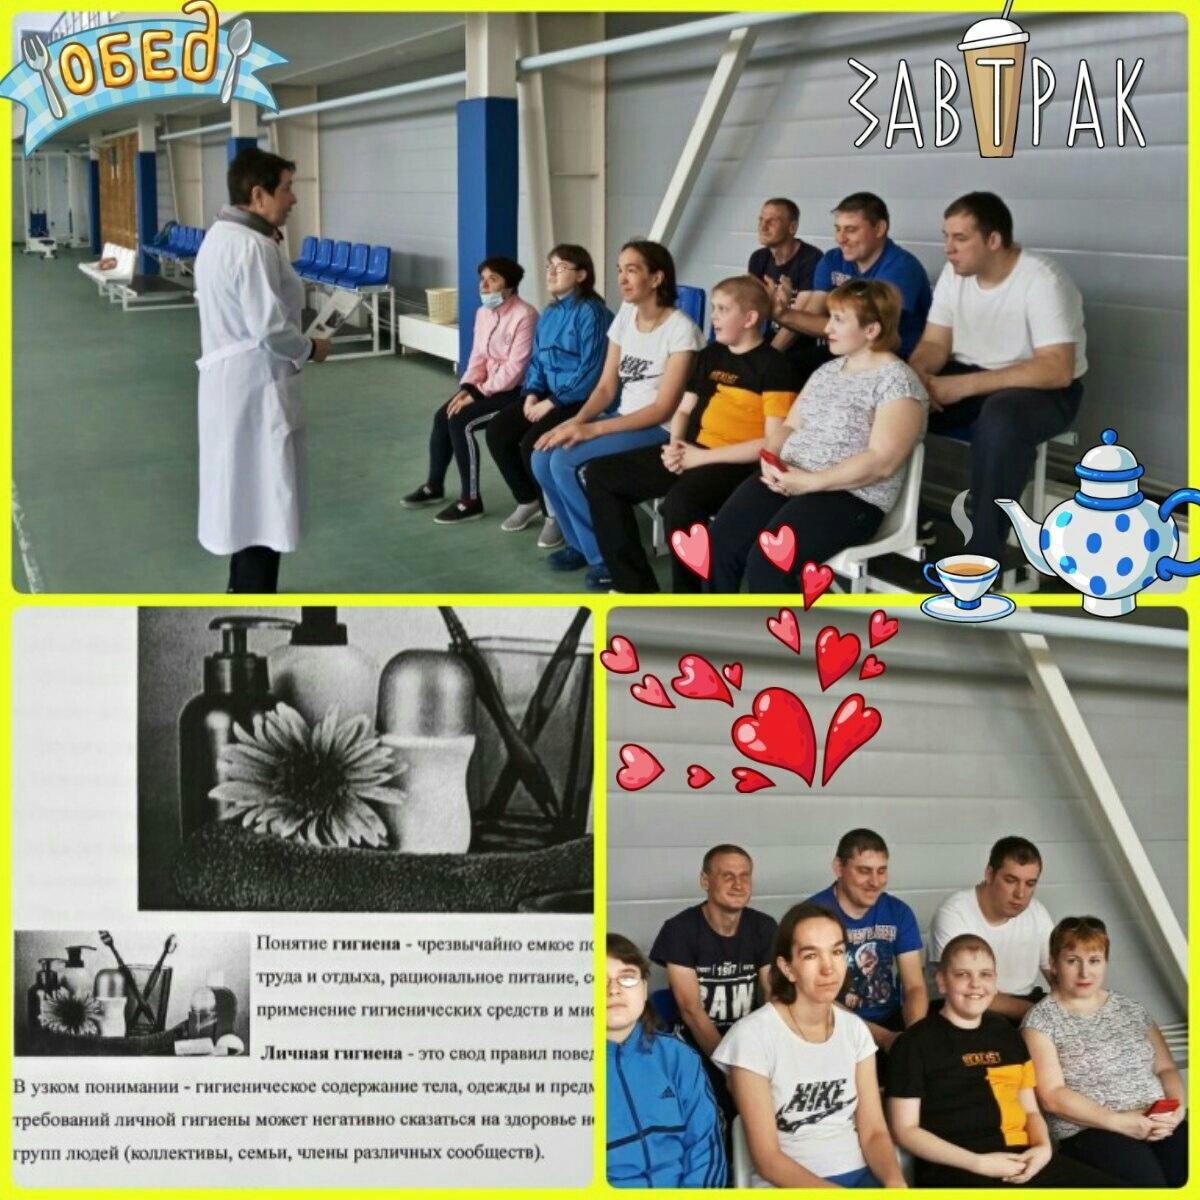 Для воспитанников Петровского филиала школы «Реабилитация и физкультура» провели занятие «Здоровый образ жизни. Личная гигиена»